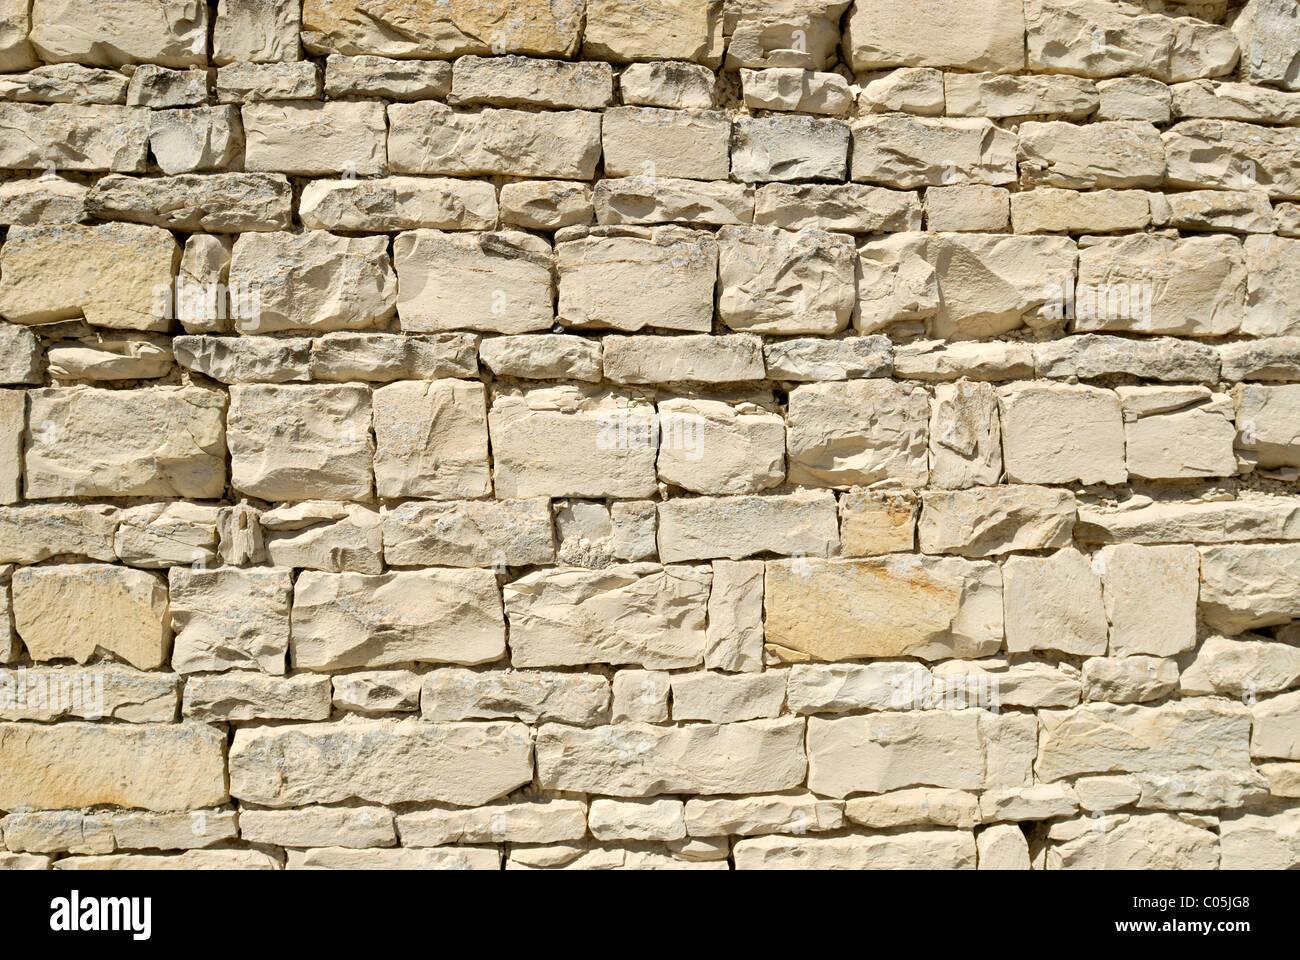 Seccion De Una Pared Exterior De Piedra Caliza Utilizada Para - Piedra-pared-exterior